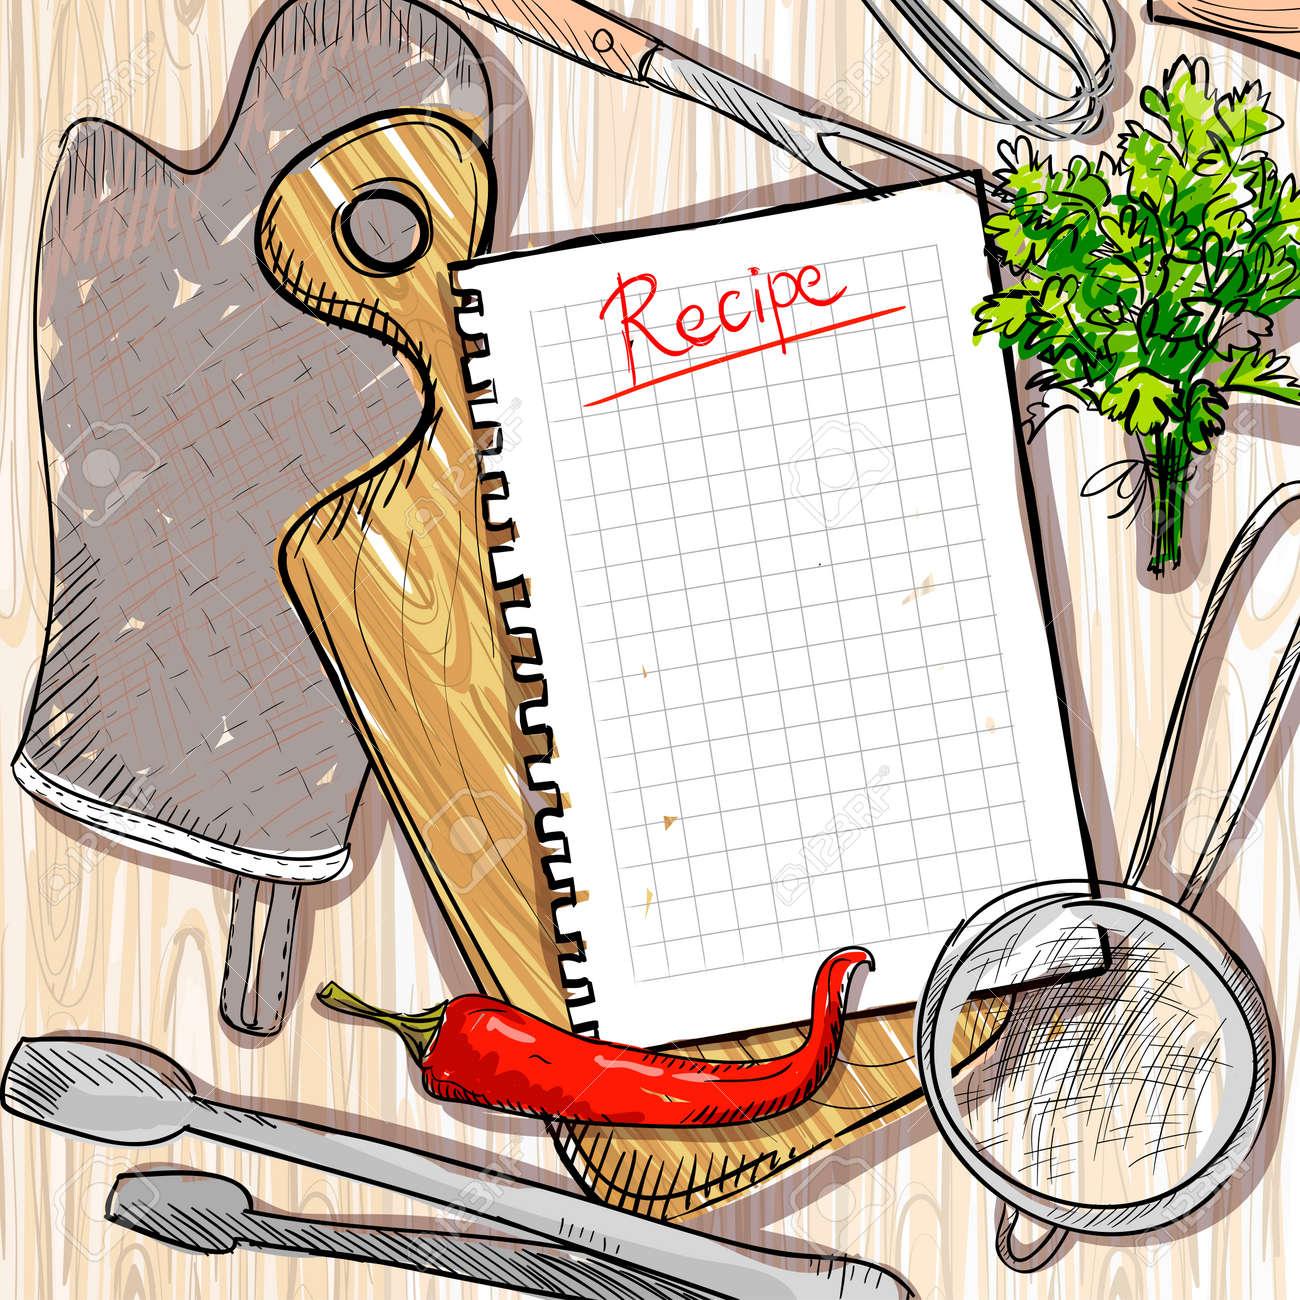 archivio fotografico tagliere e utensili da cucina con la lista ricetta vuota su un tavolo di legno sfondo